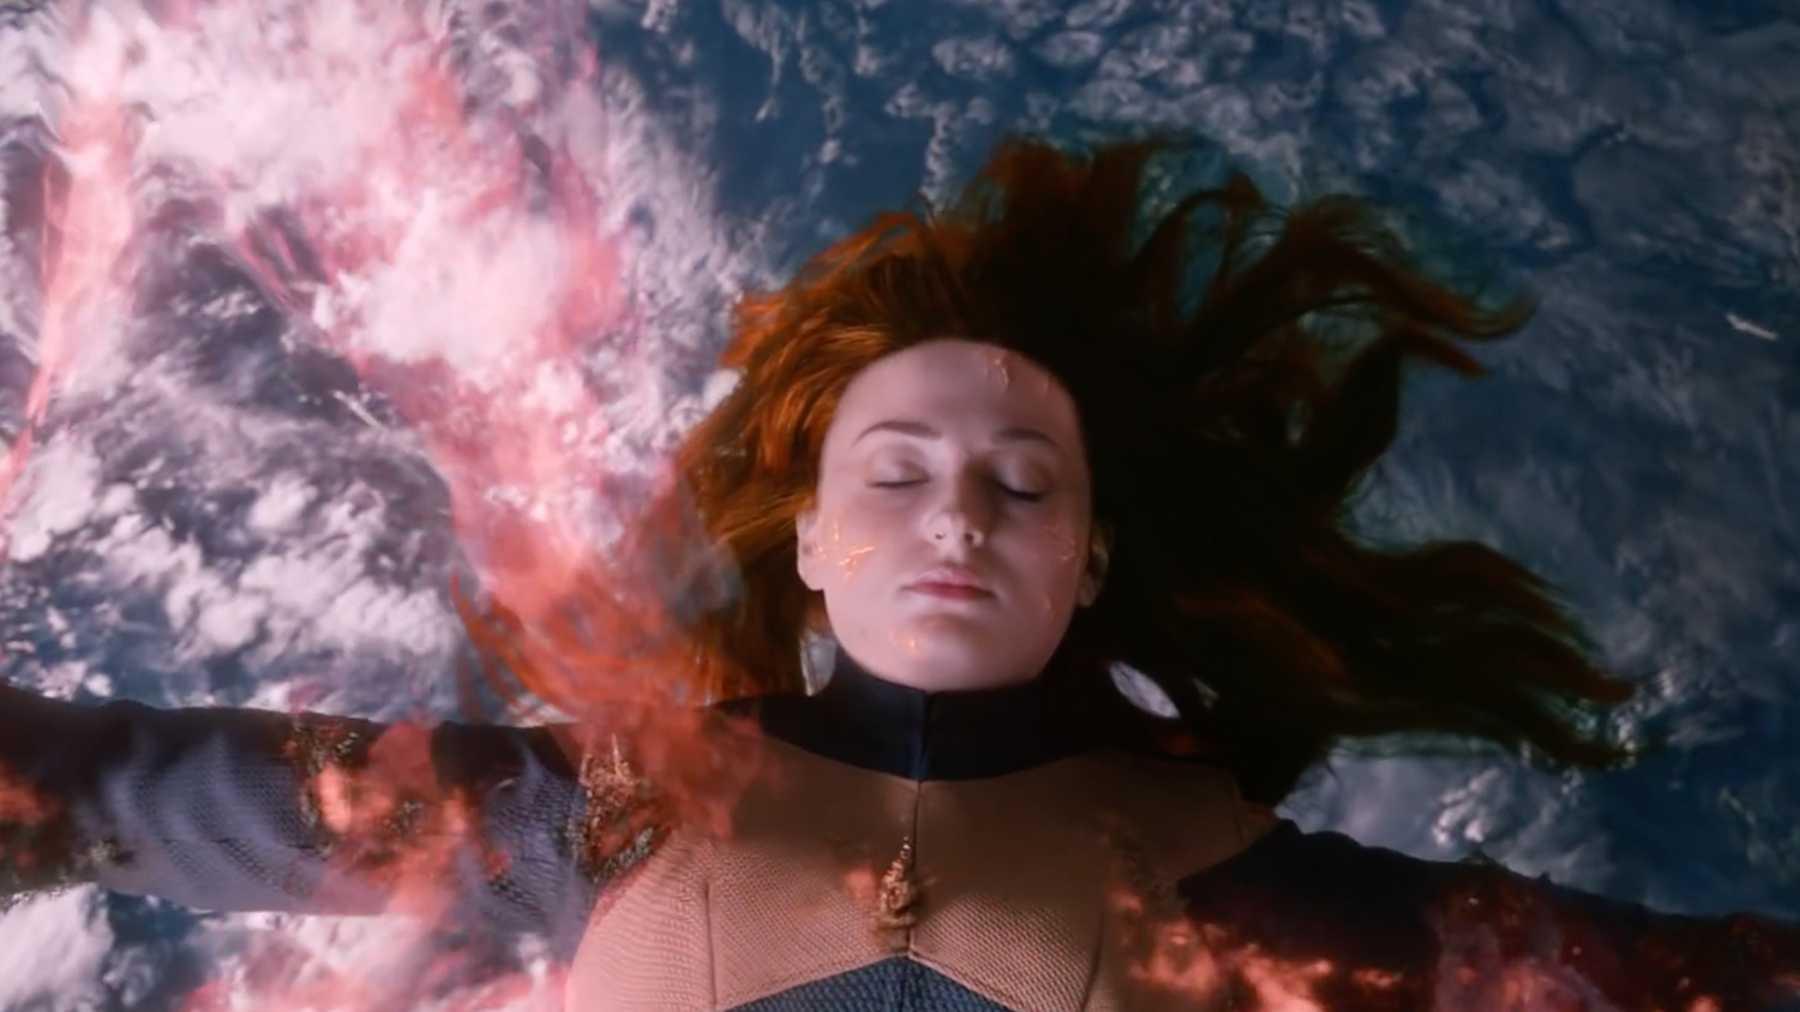 Największe klapy sezonu letniego w box office: X-Men: Mroczna Phoenix - 252 mln USD wpływów w skali globalnej